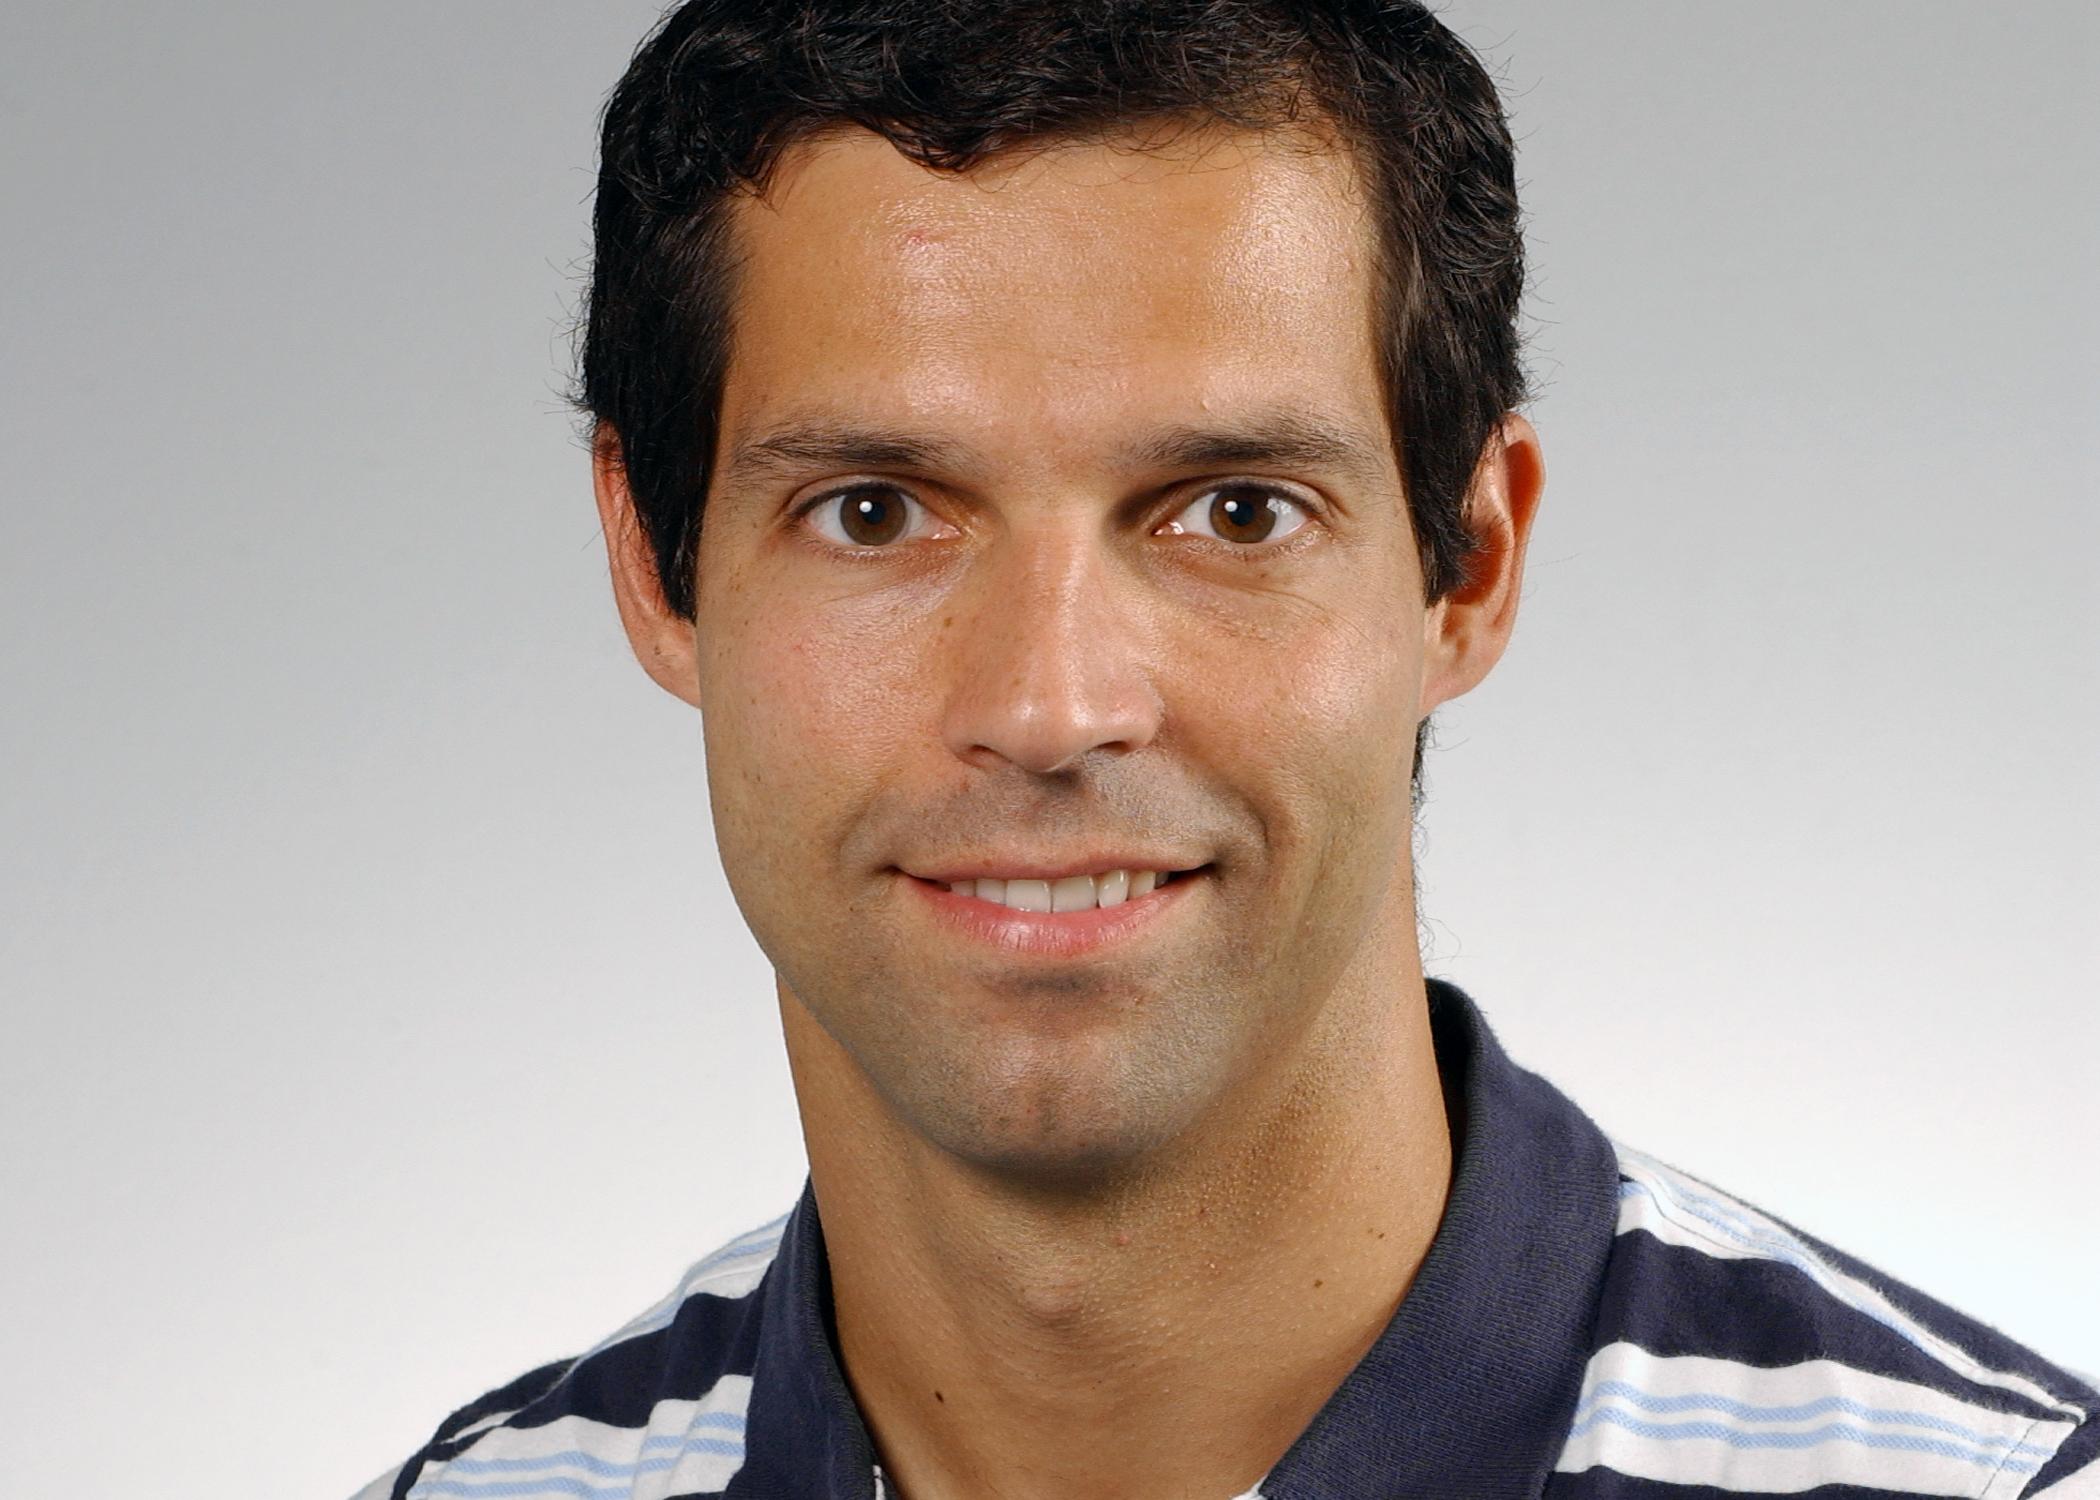 Pedro Miguel Geraldes, chercheur au CRCHUS